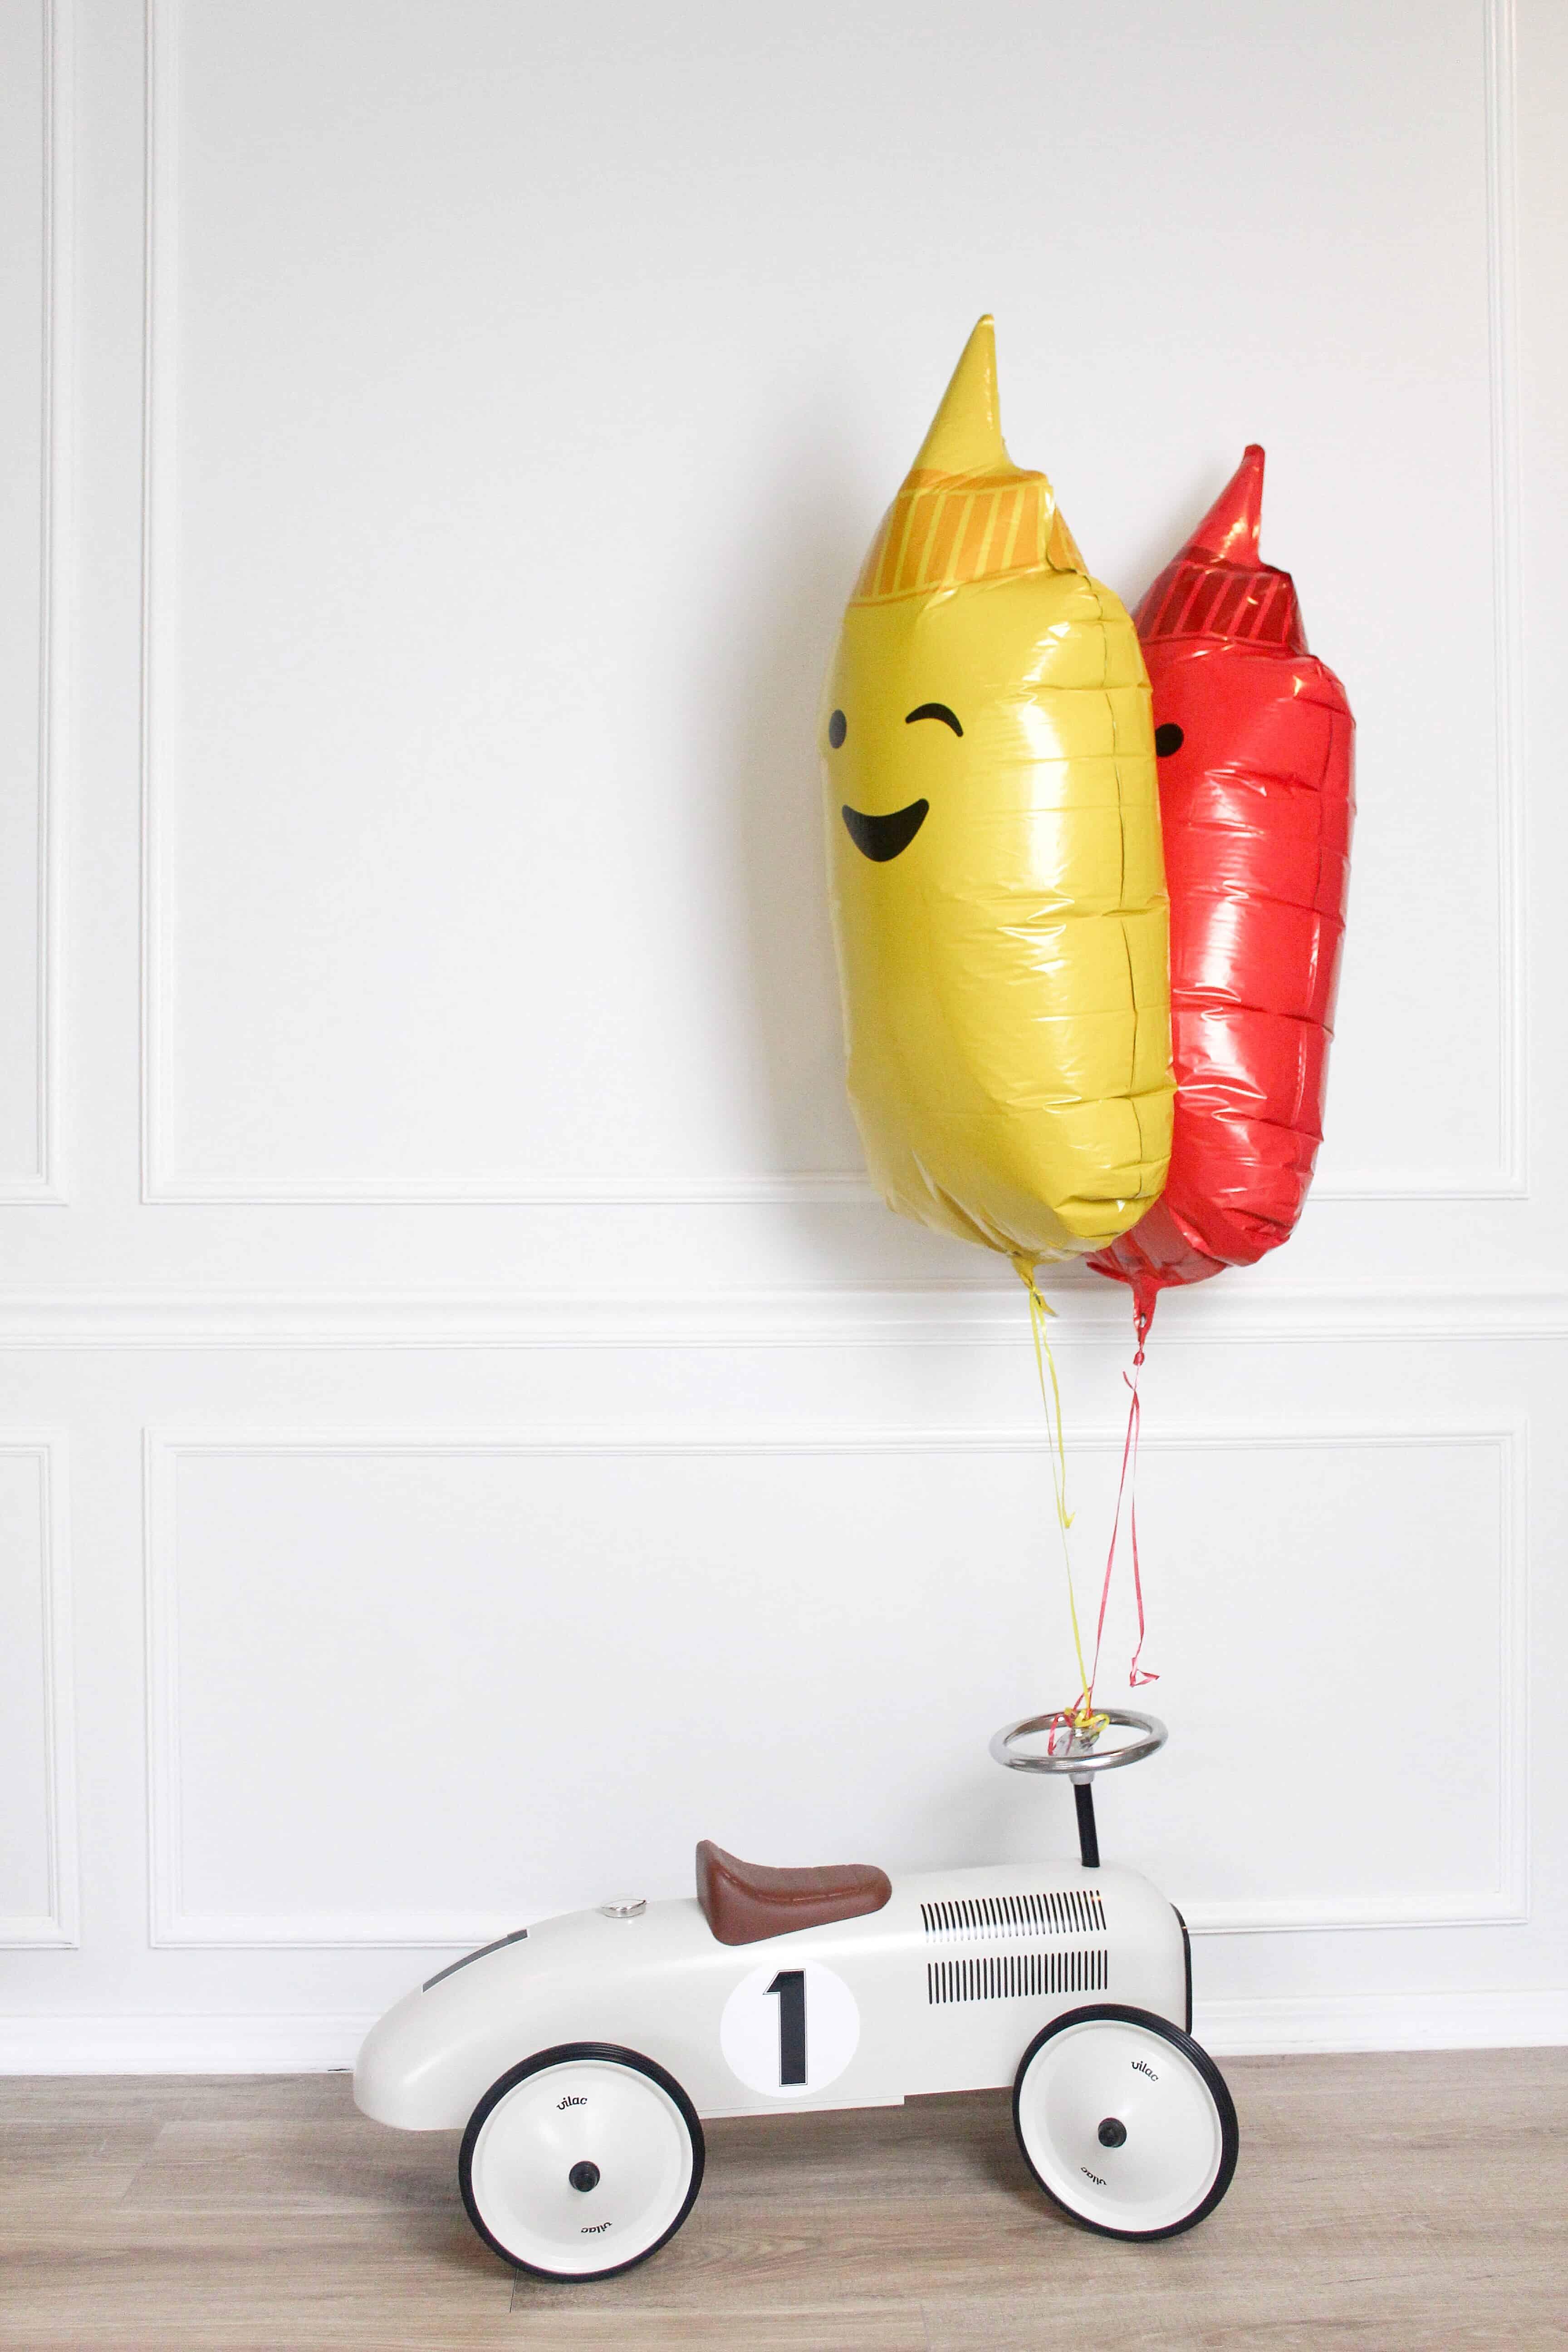 1 car with mustard and ketchup balloons